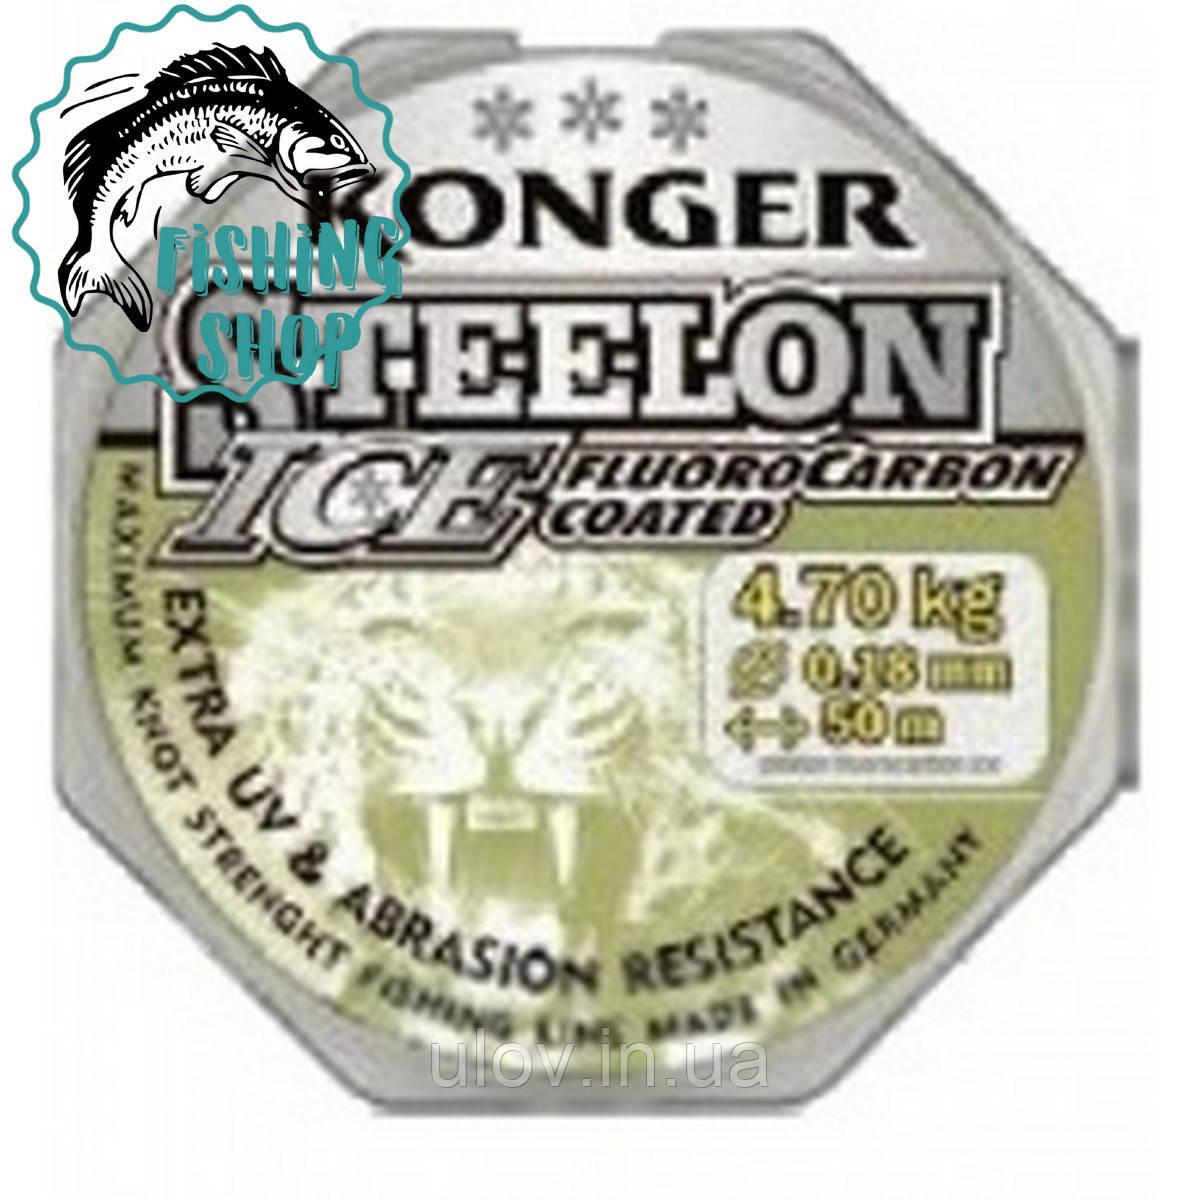 Леска рыболовная Konger Steelon 50m. 0.16